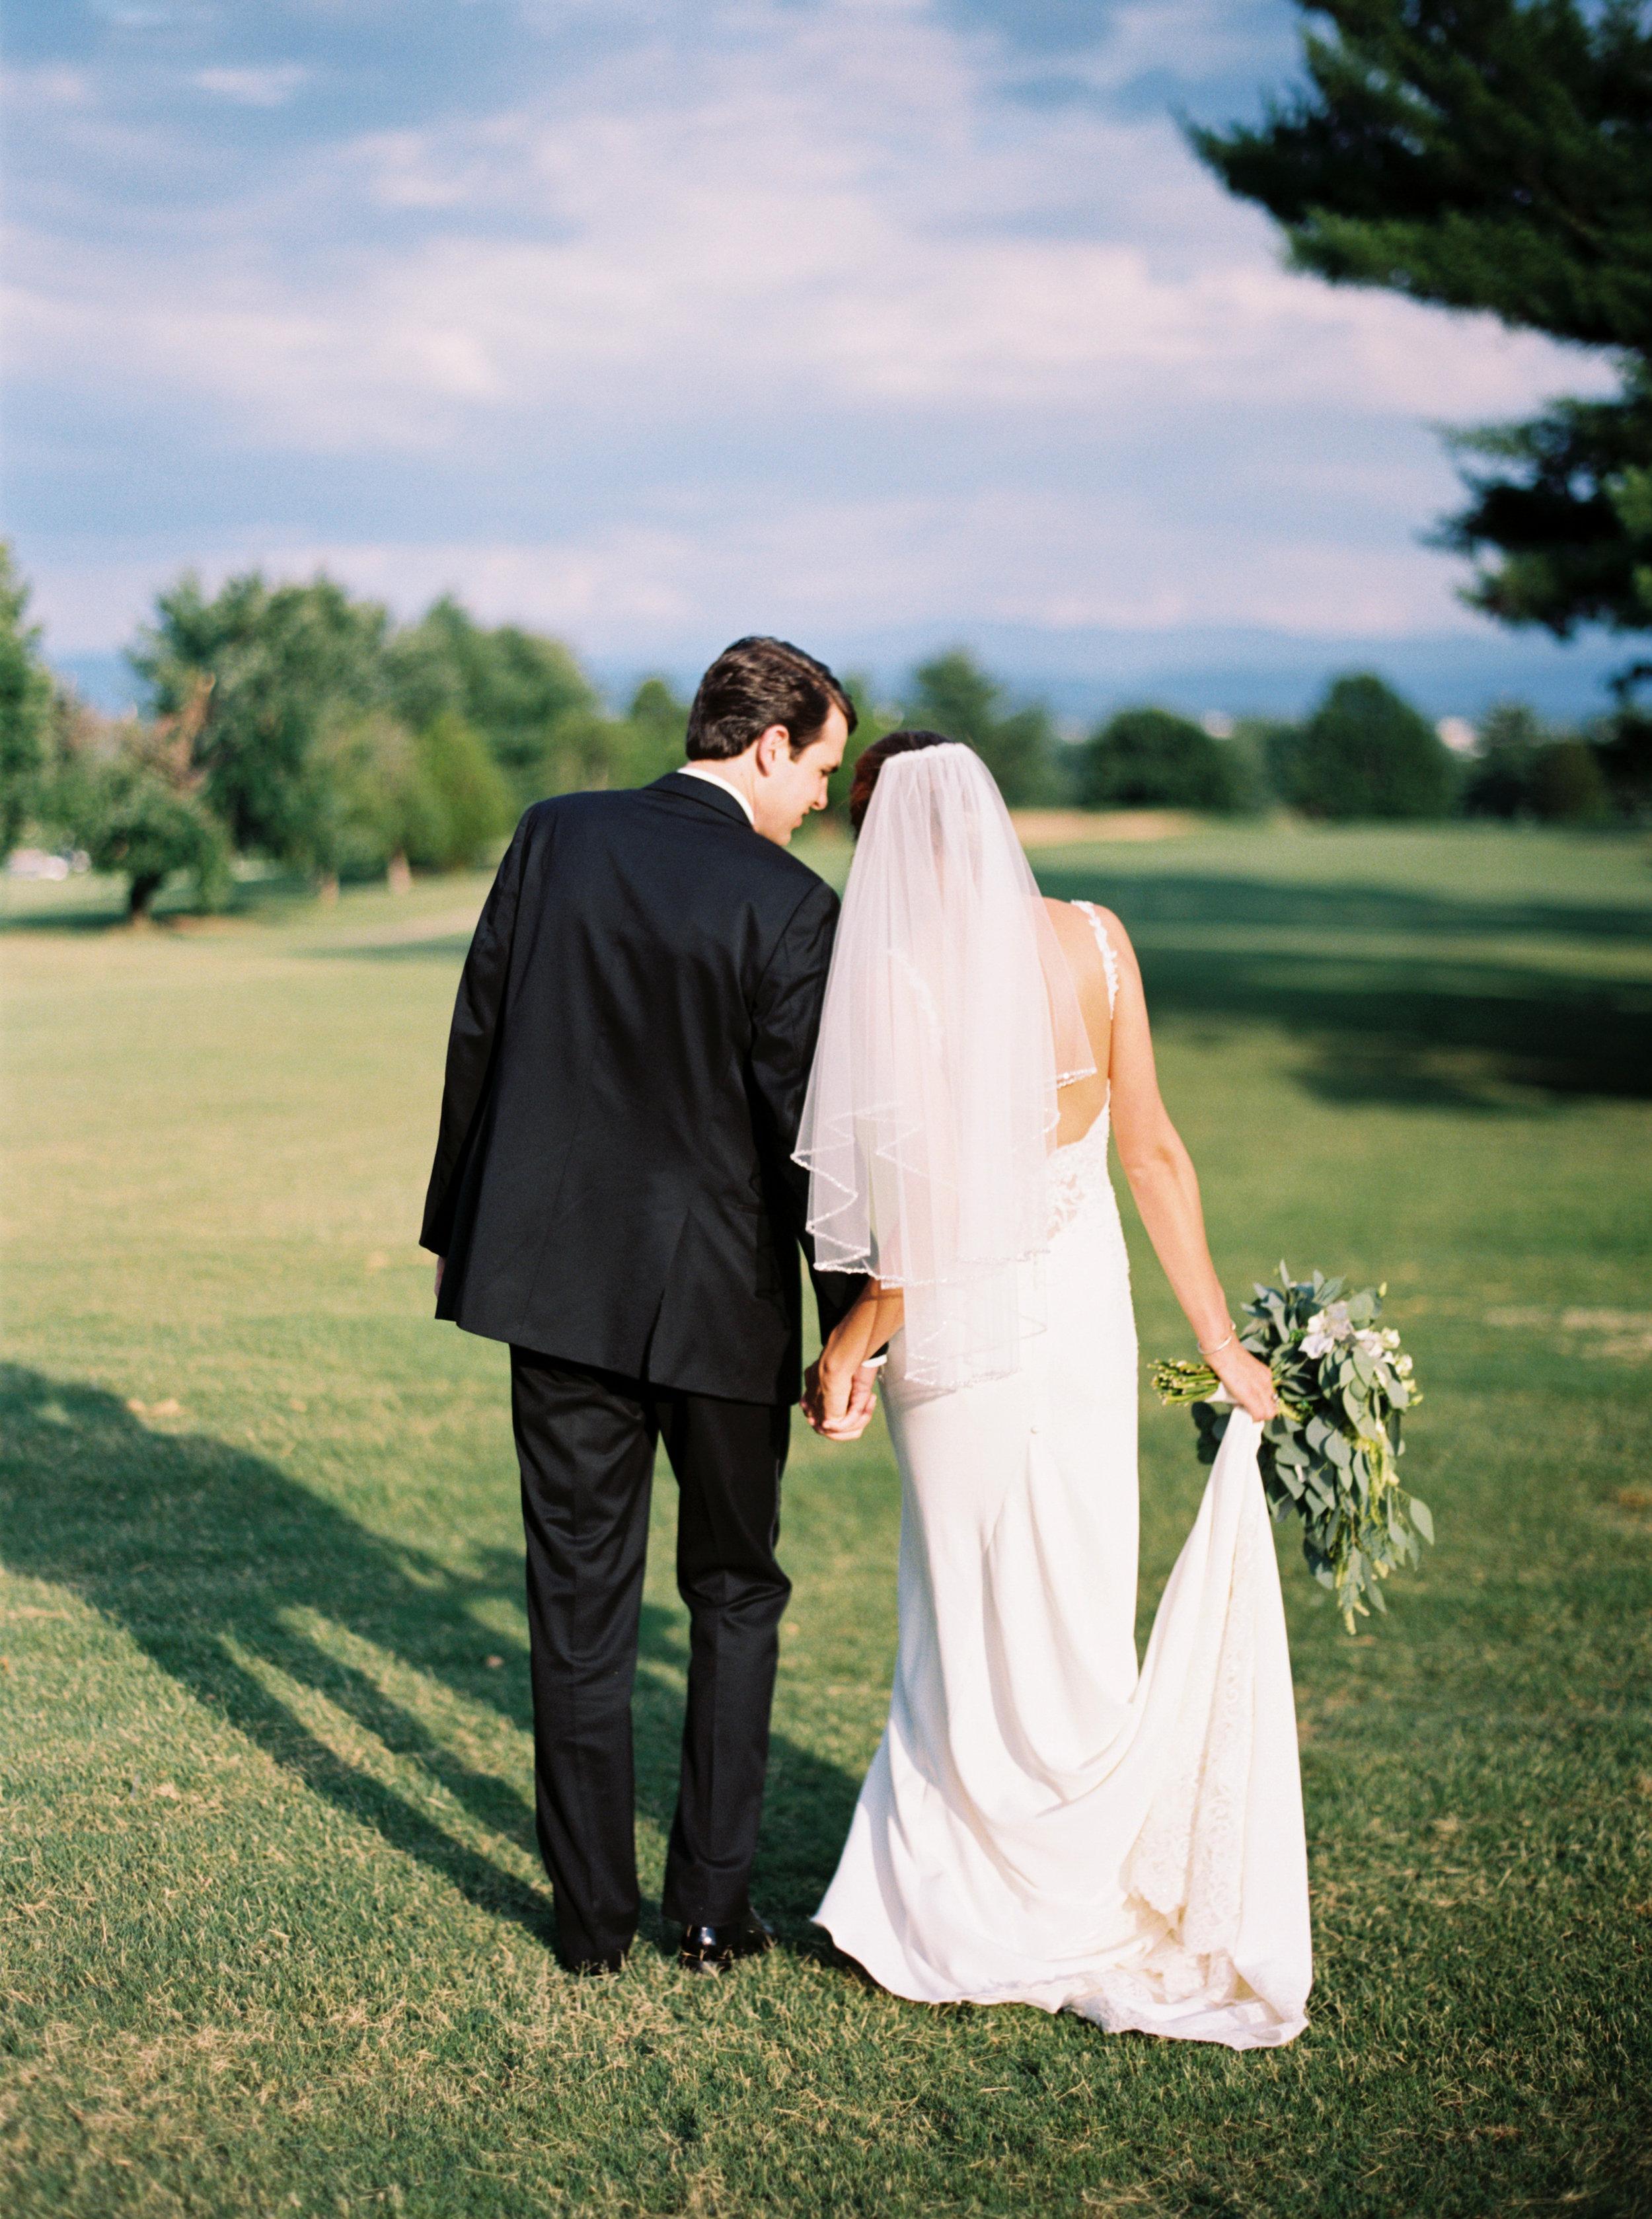 JJ_Sarah_Wedding_Abigail_Malone_Photography-473.jpg